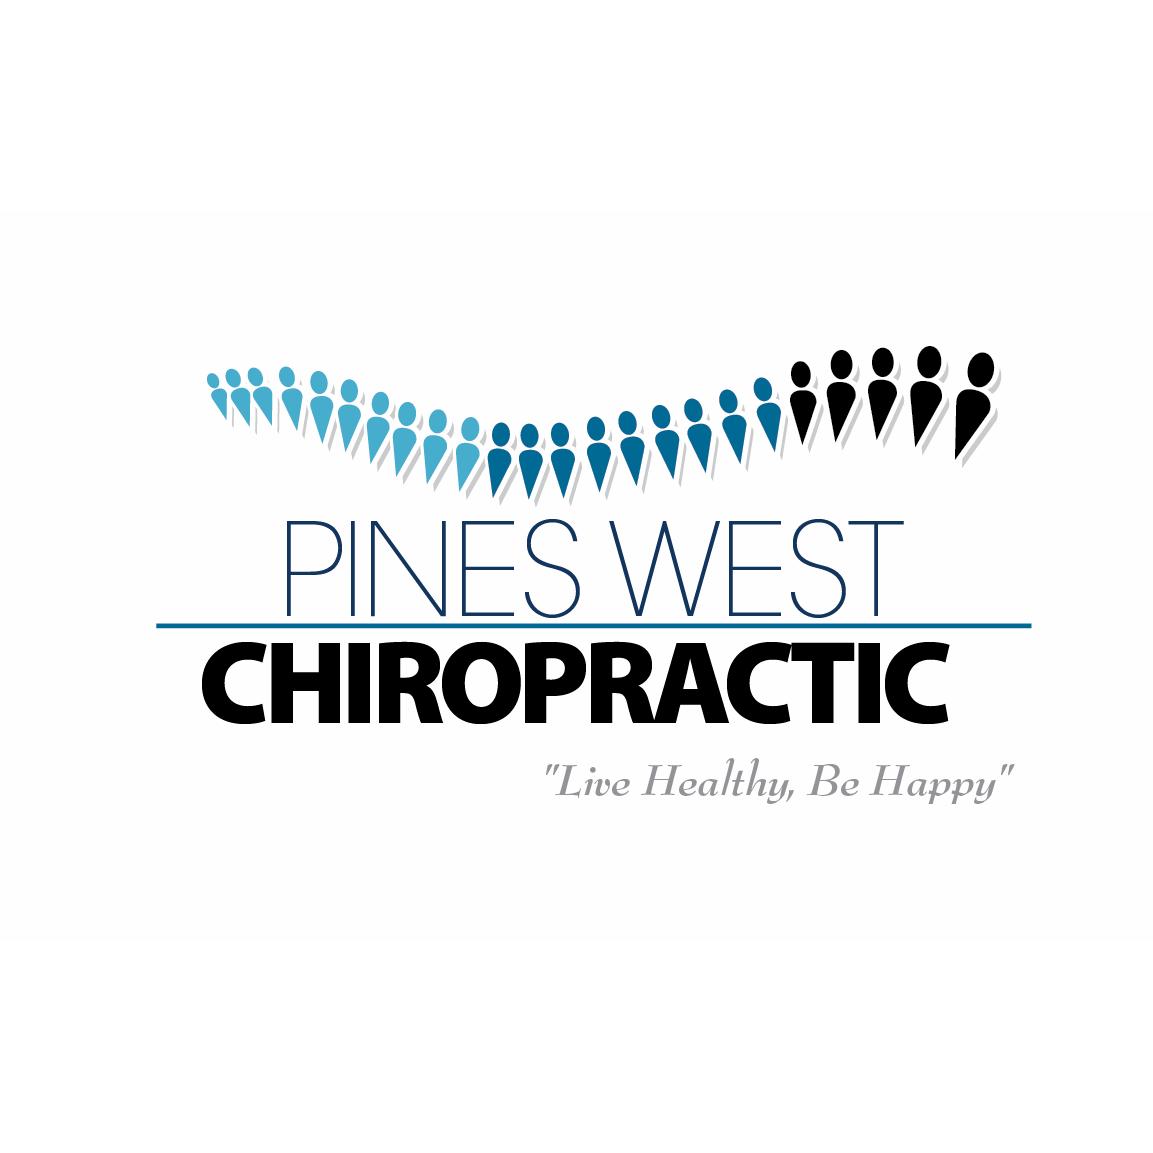 Pines West Chiropractic